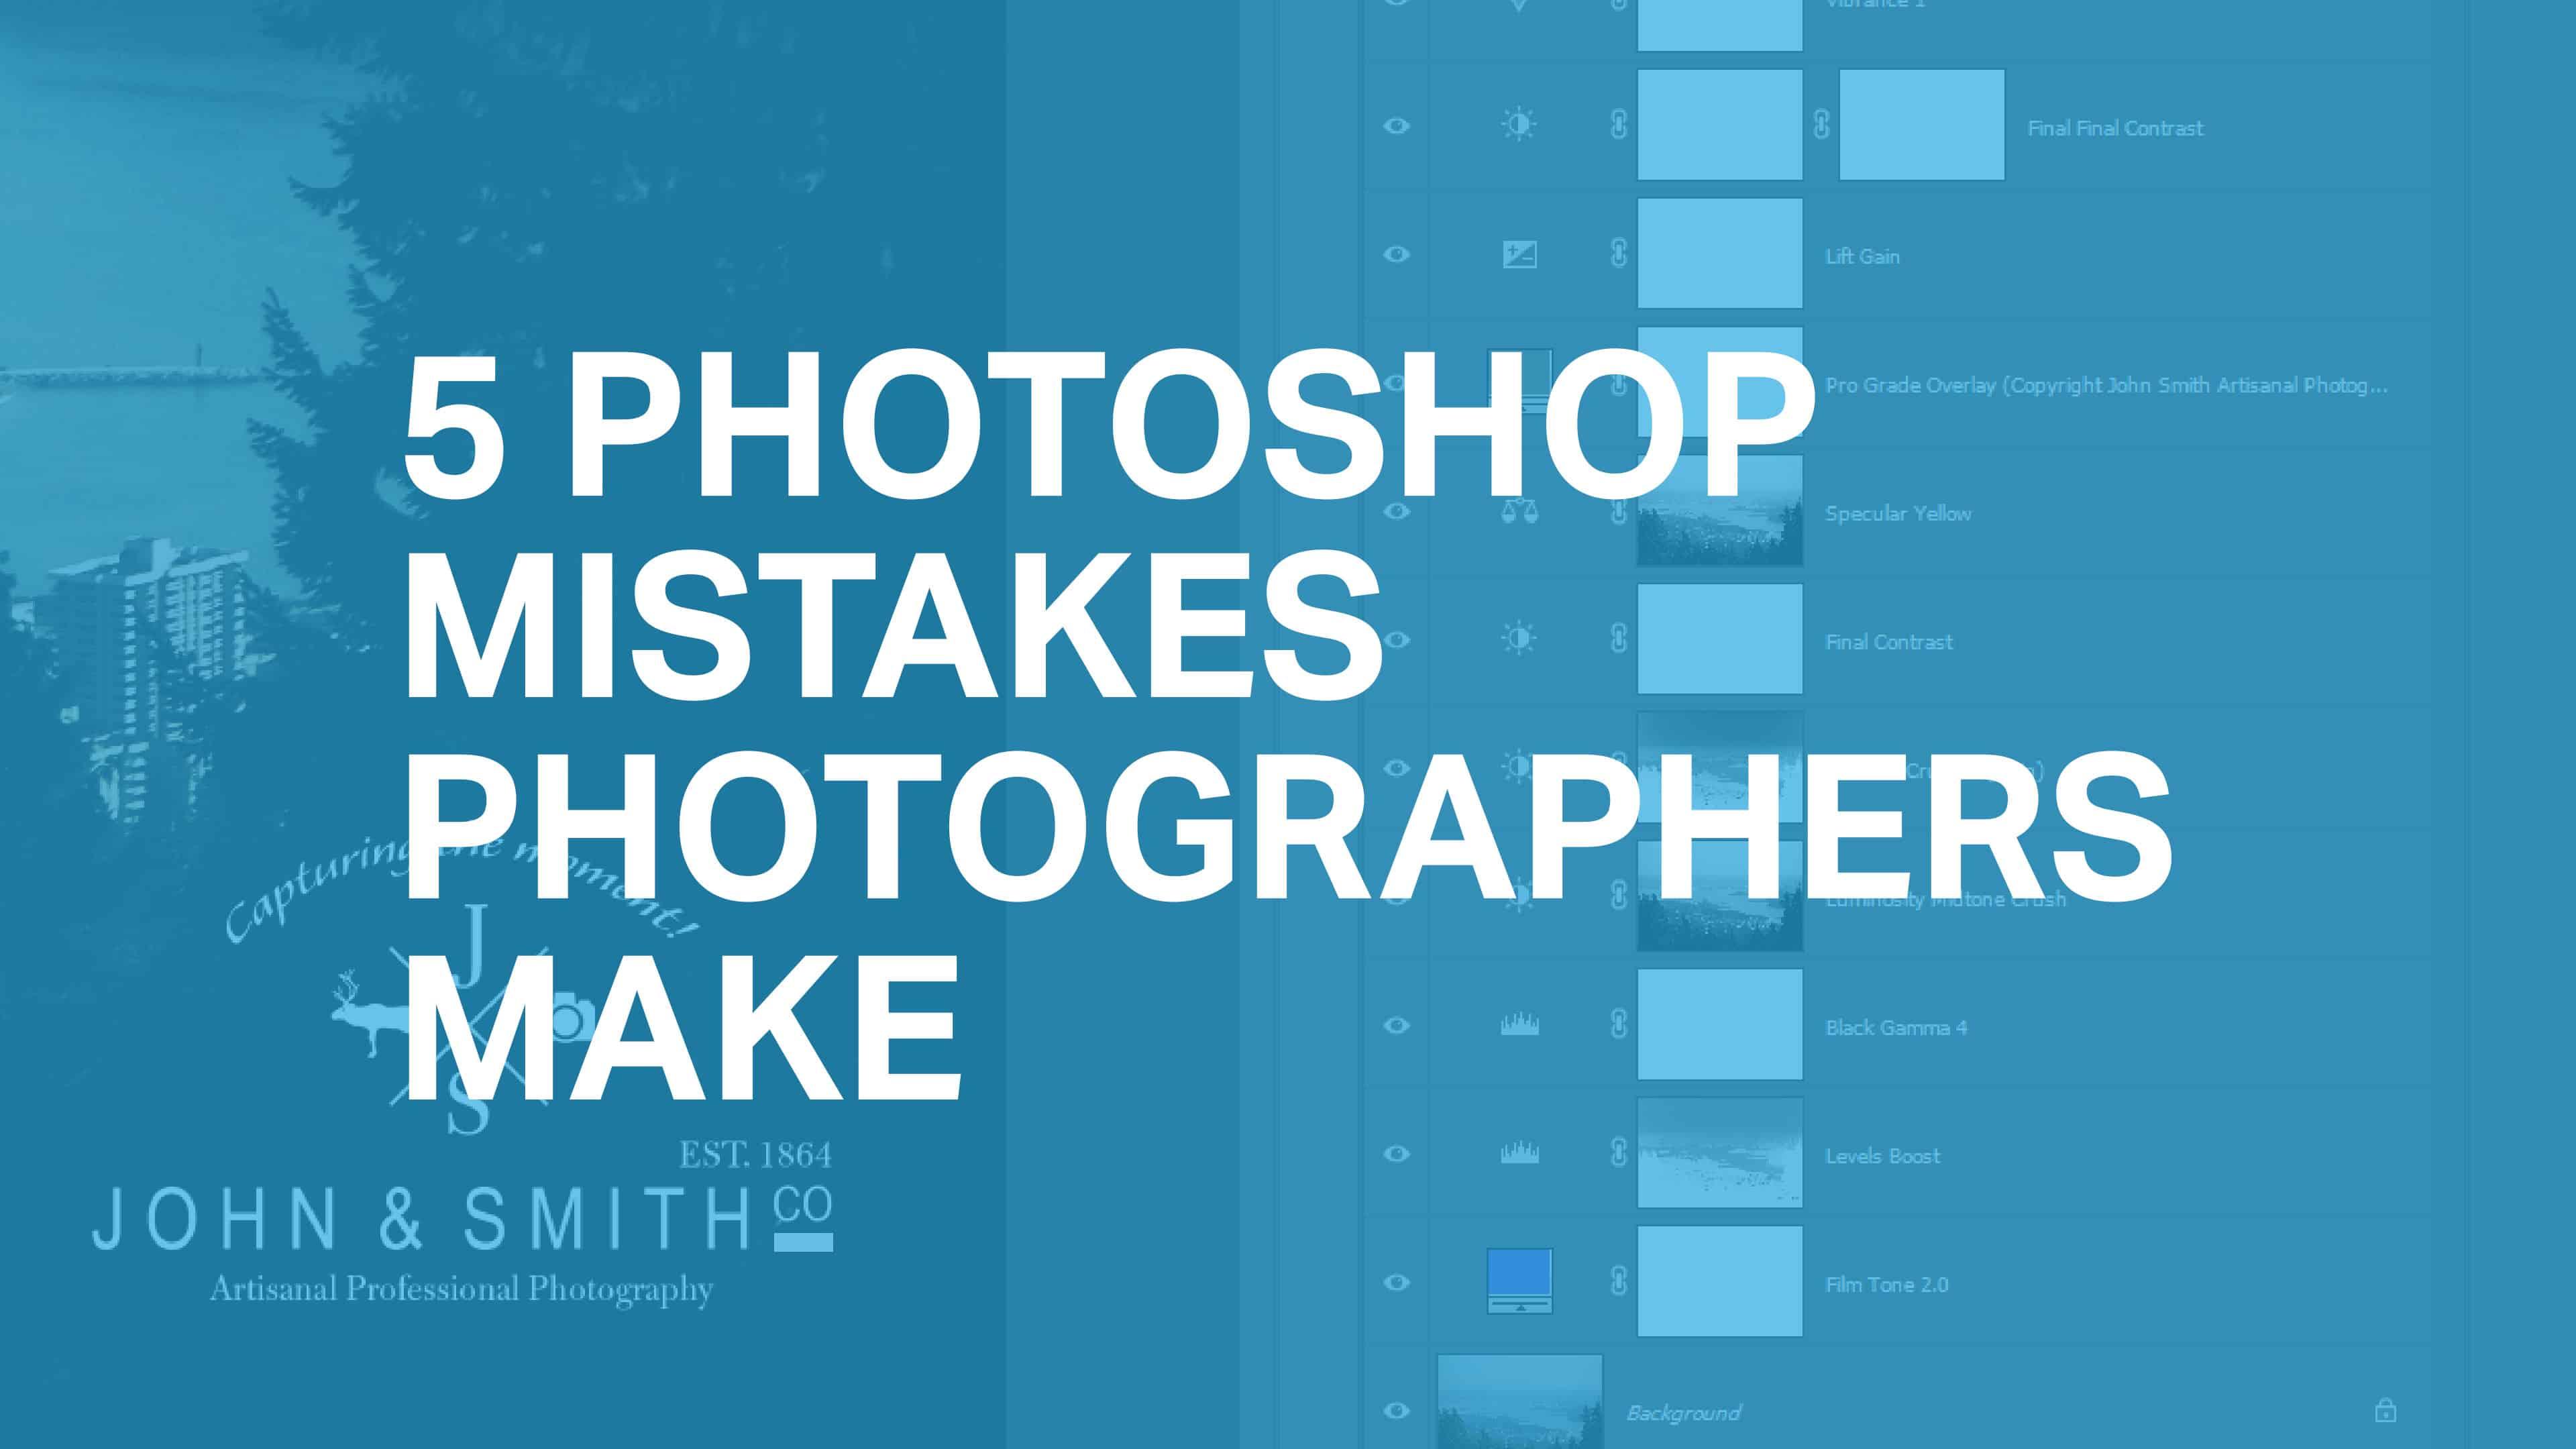 5 Photoshop Mistakes Photographers Make